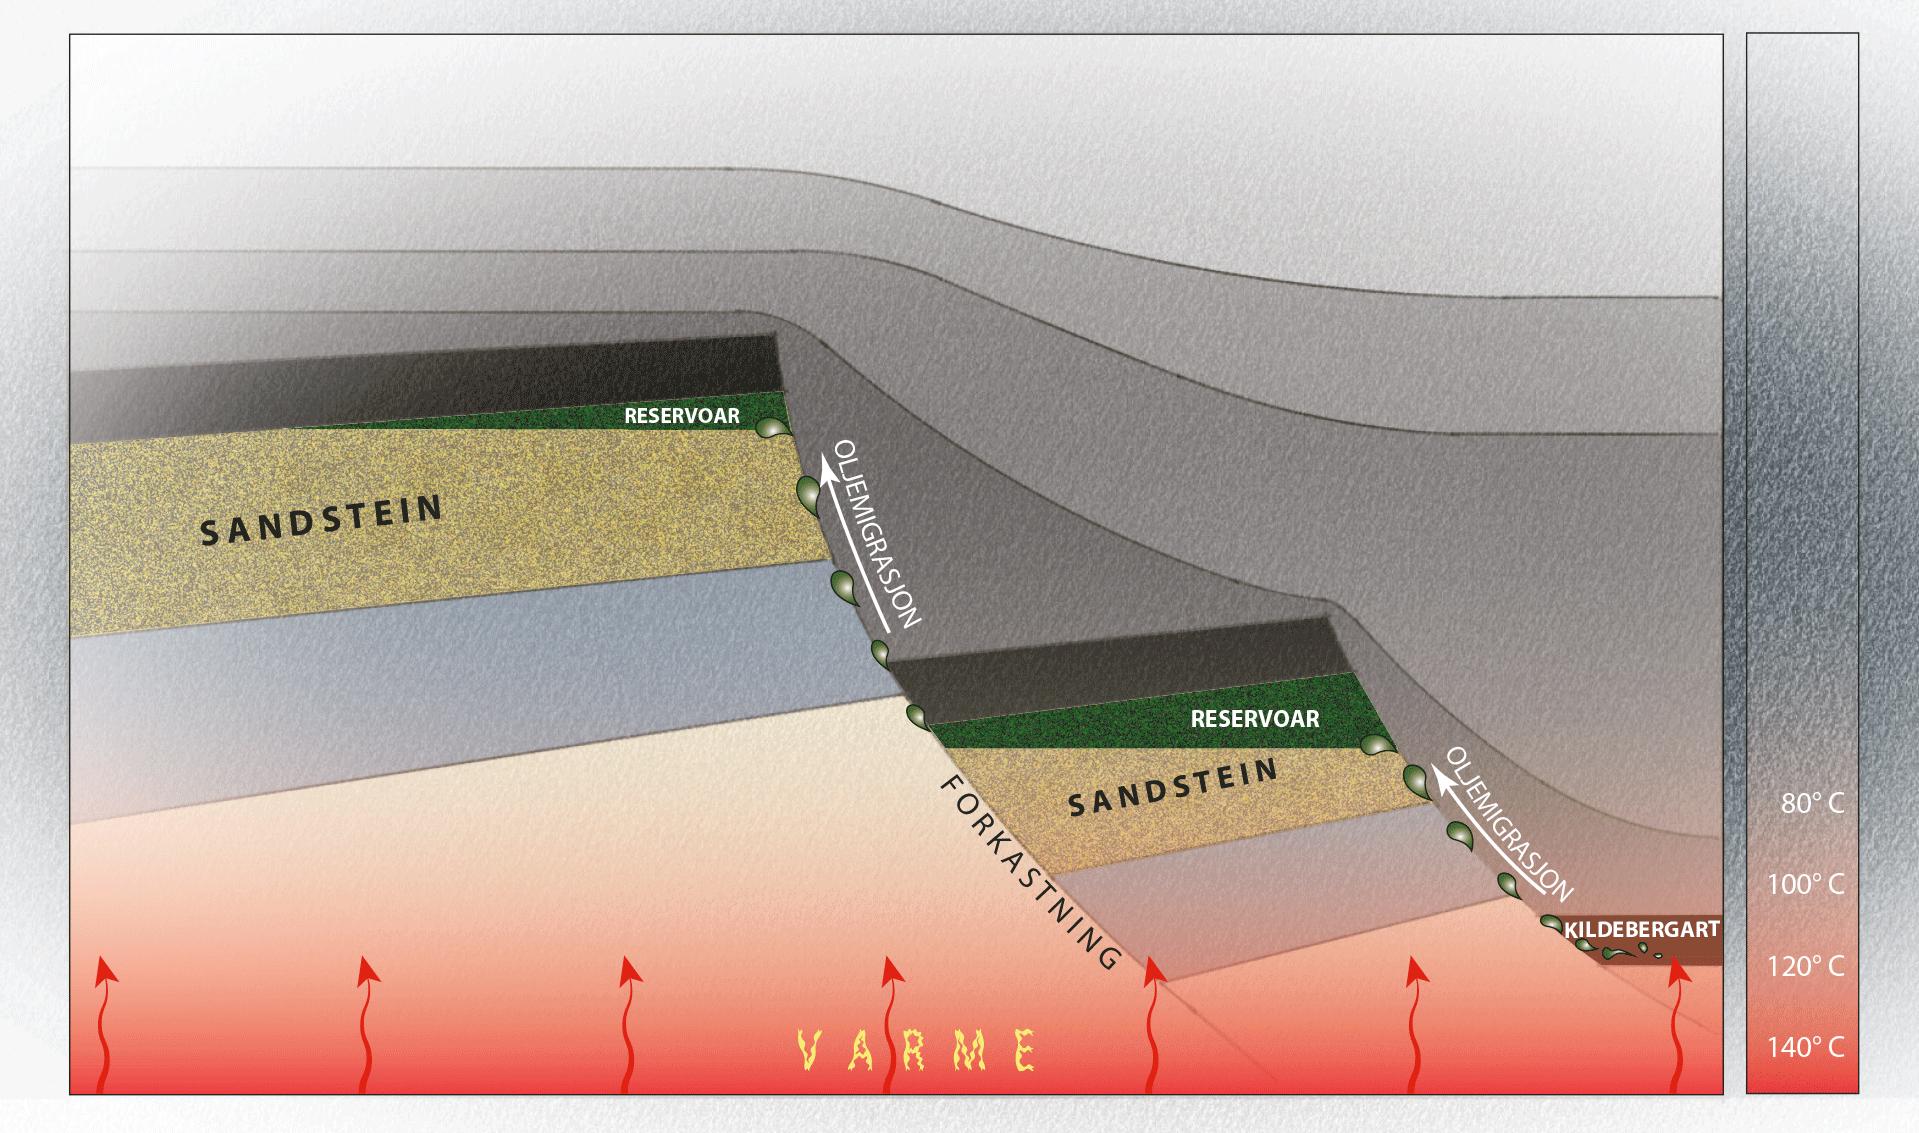 Illustrasjon av hvordan olje- og gassreservoarer dannes